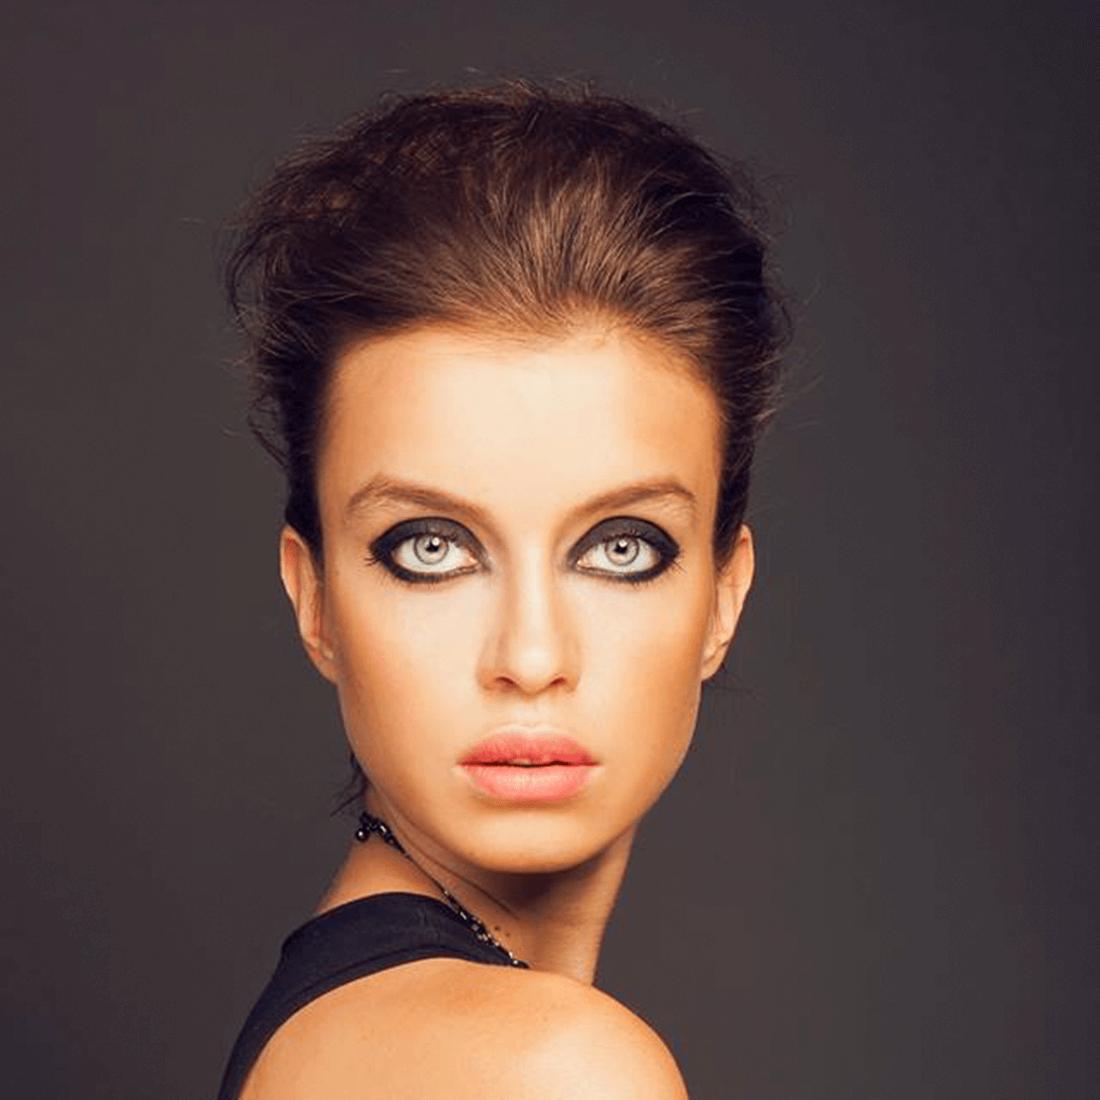 Výrazný foto make-up, černé kouřovky, konturování, jemné rty.